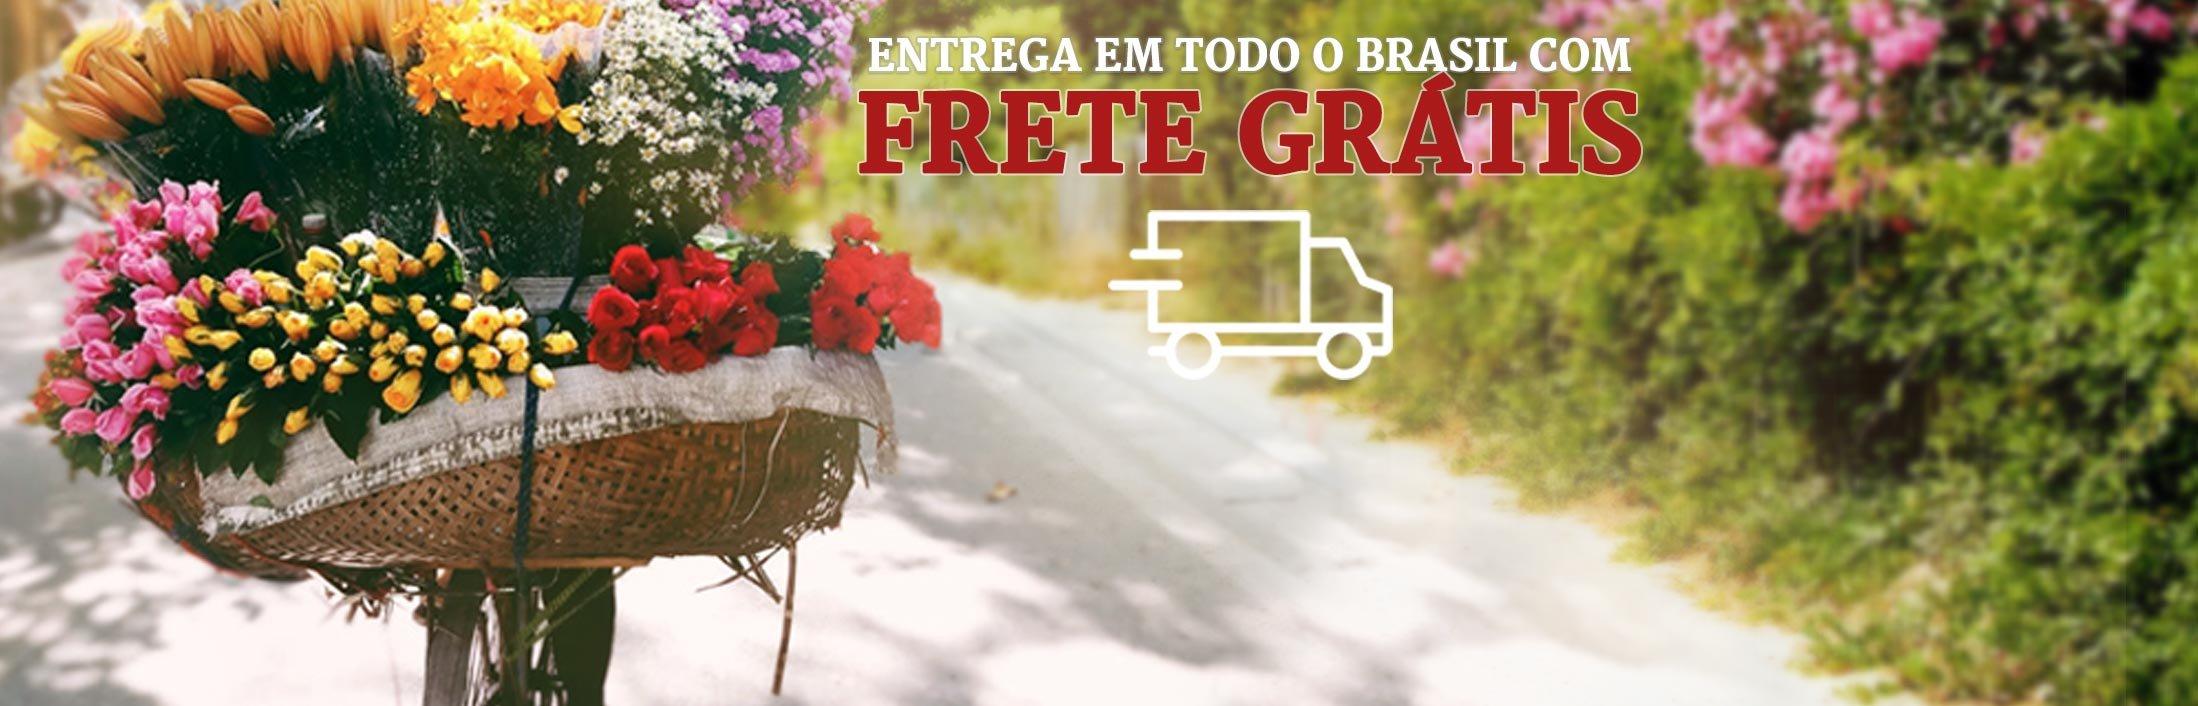 Entrega para Todo o Brasil